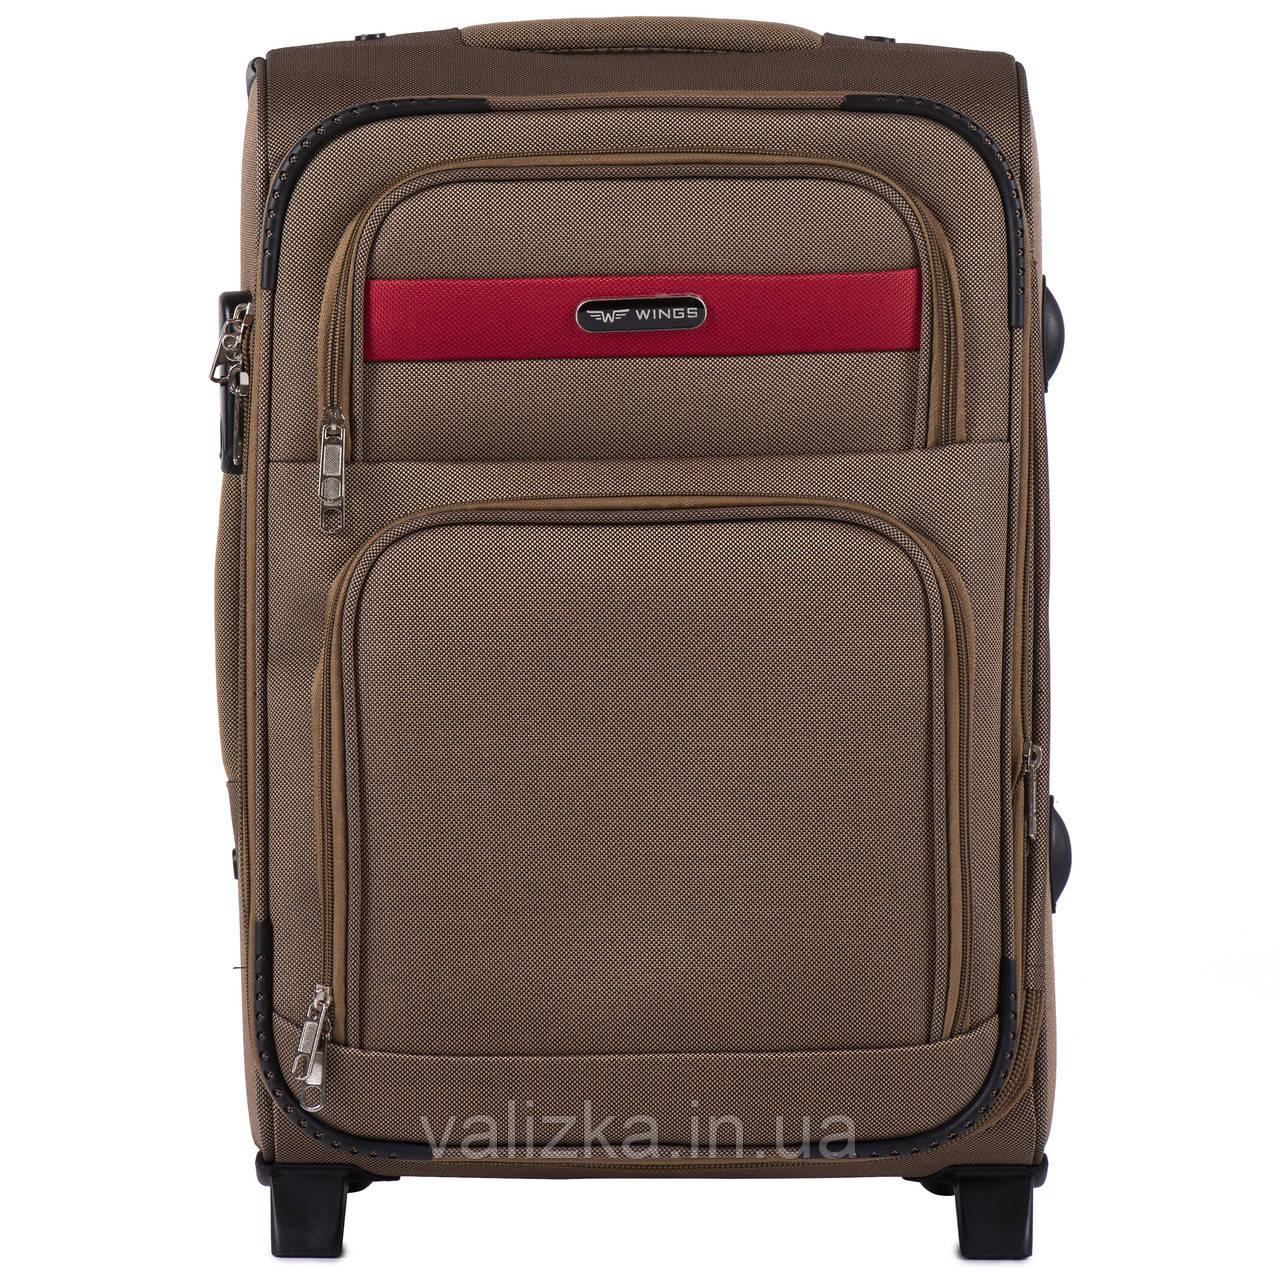 Малый текстильный чемодан кофе с молоком с расширителем Wings 1605